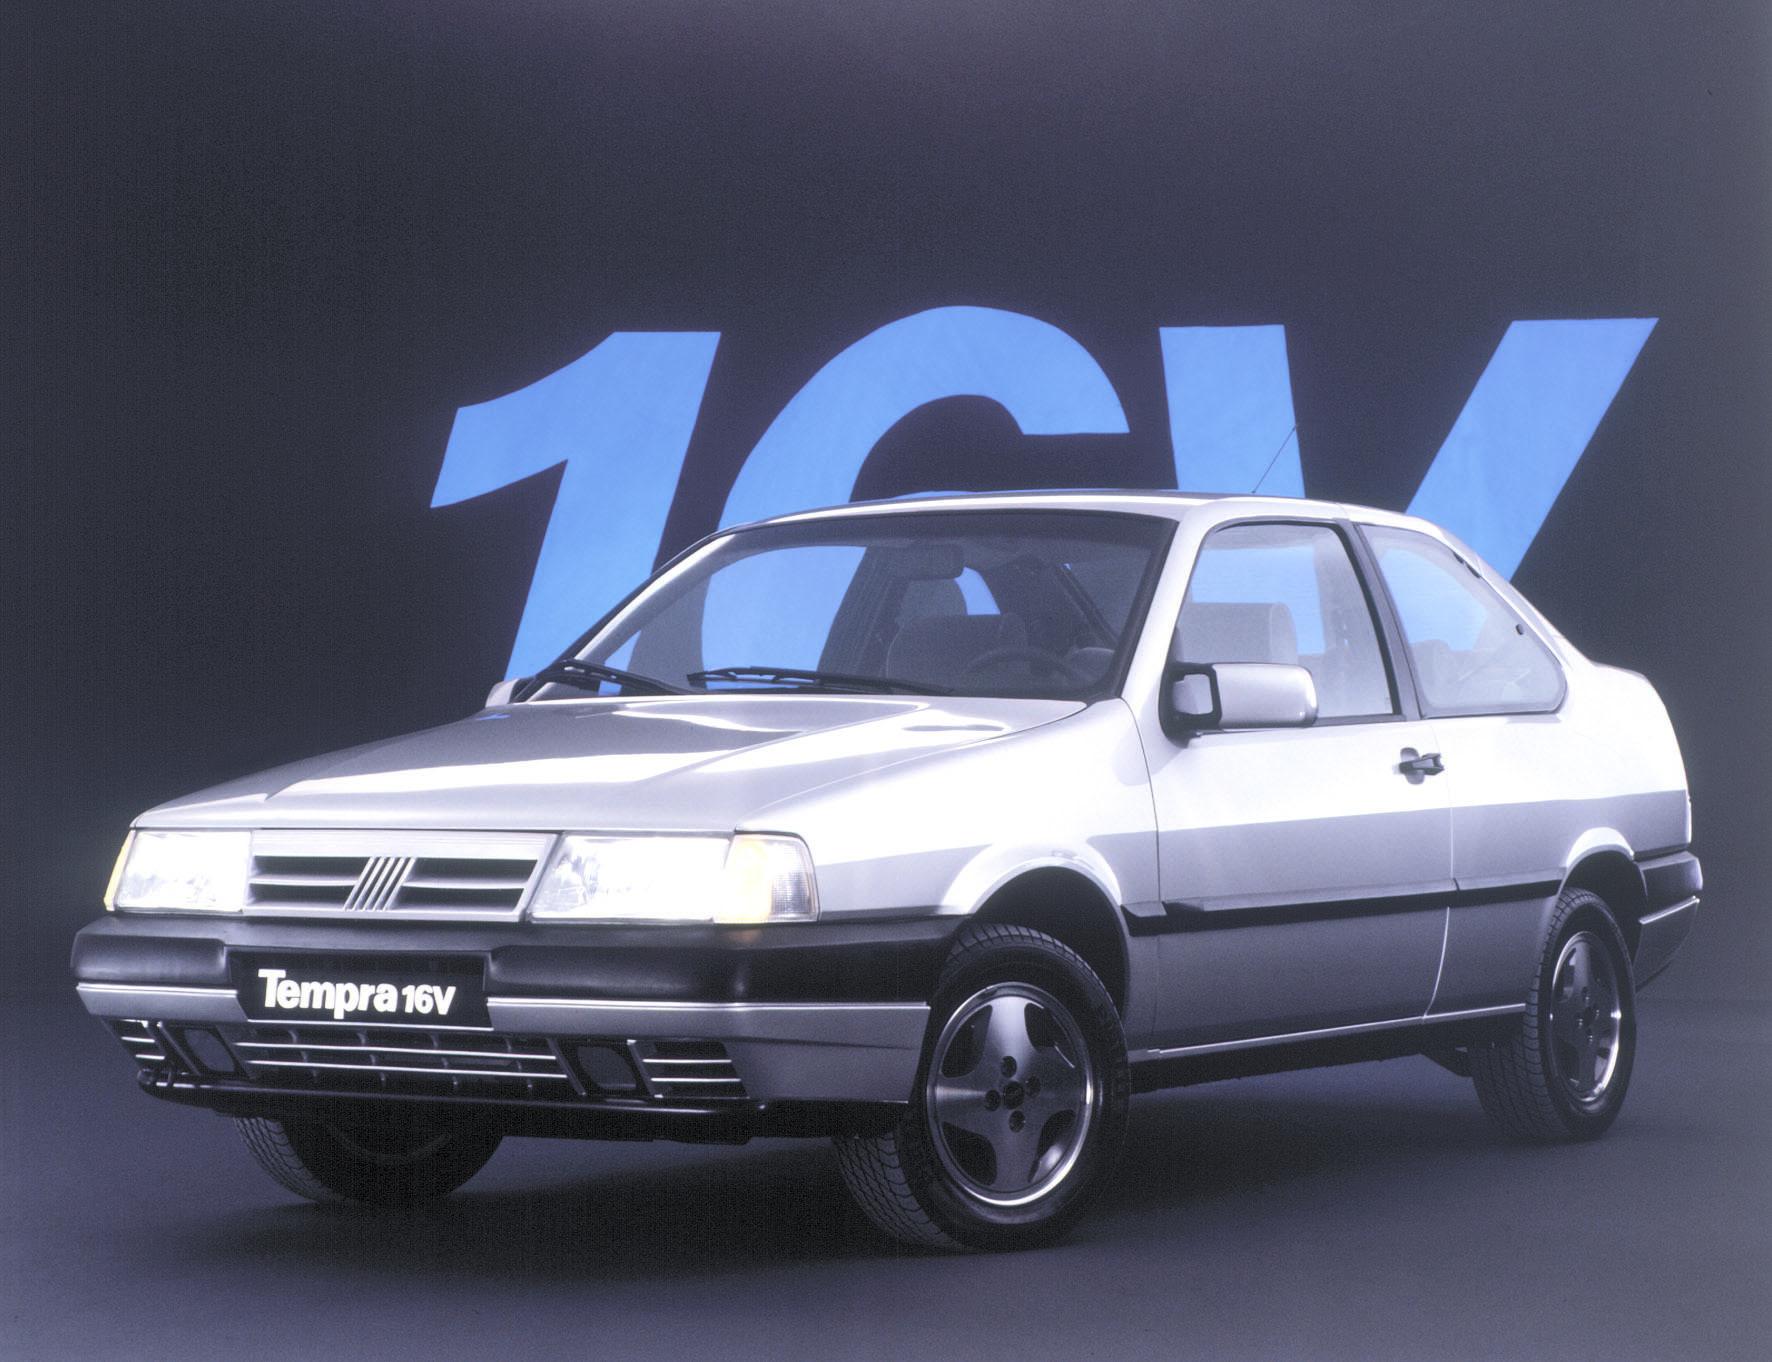 Fiat Tempra 16V